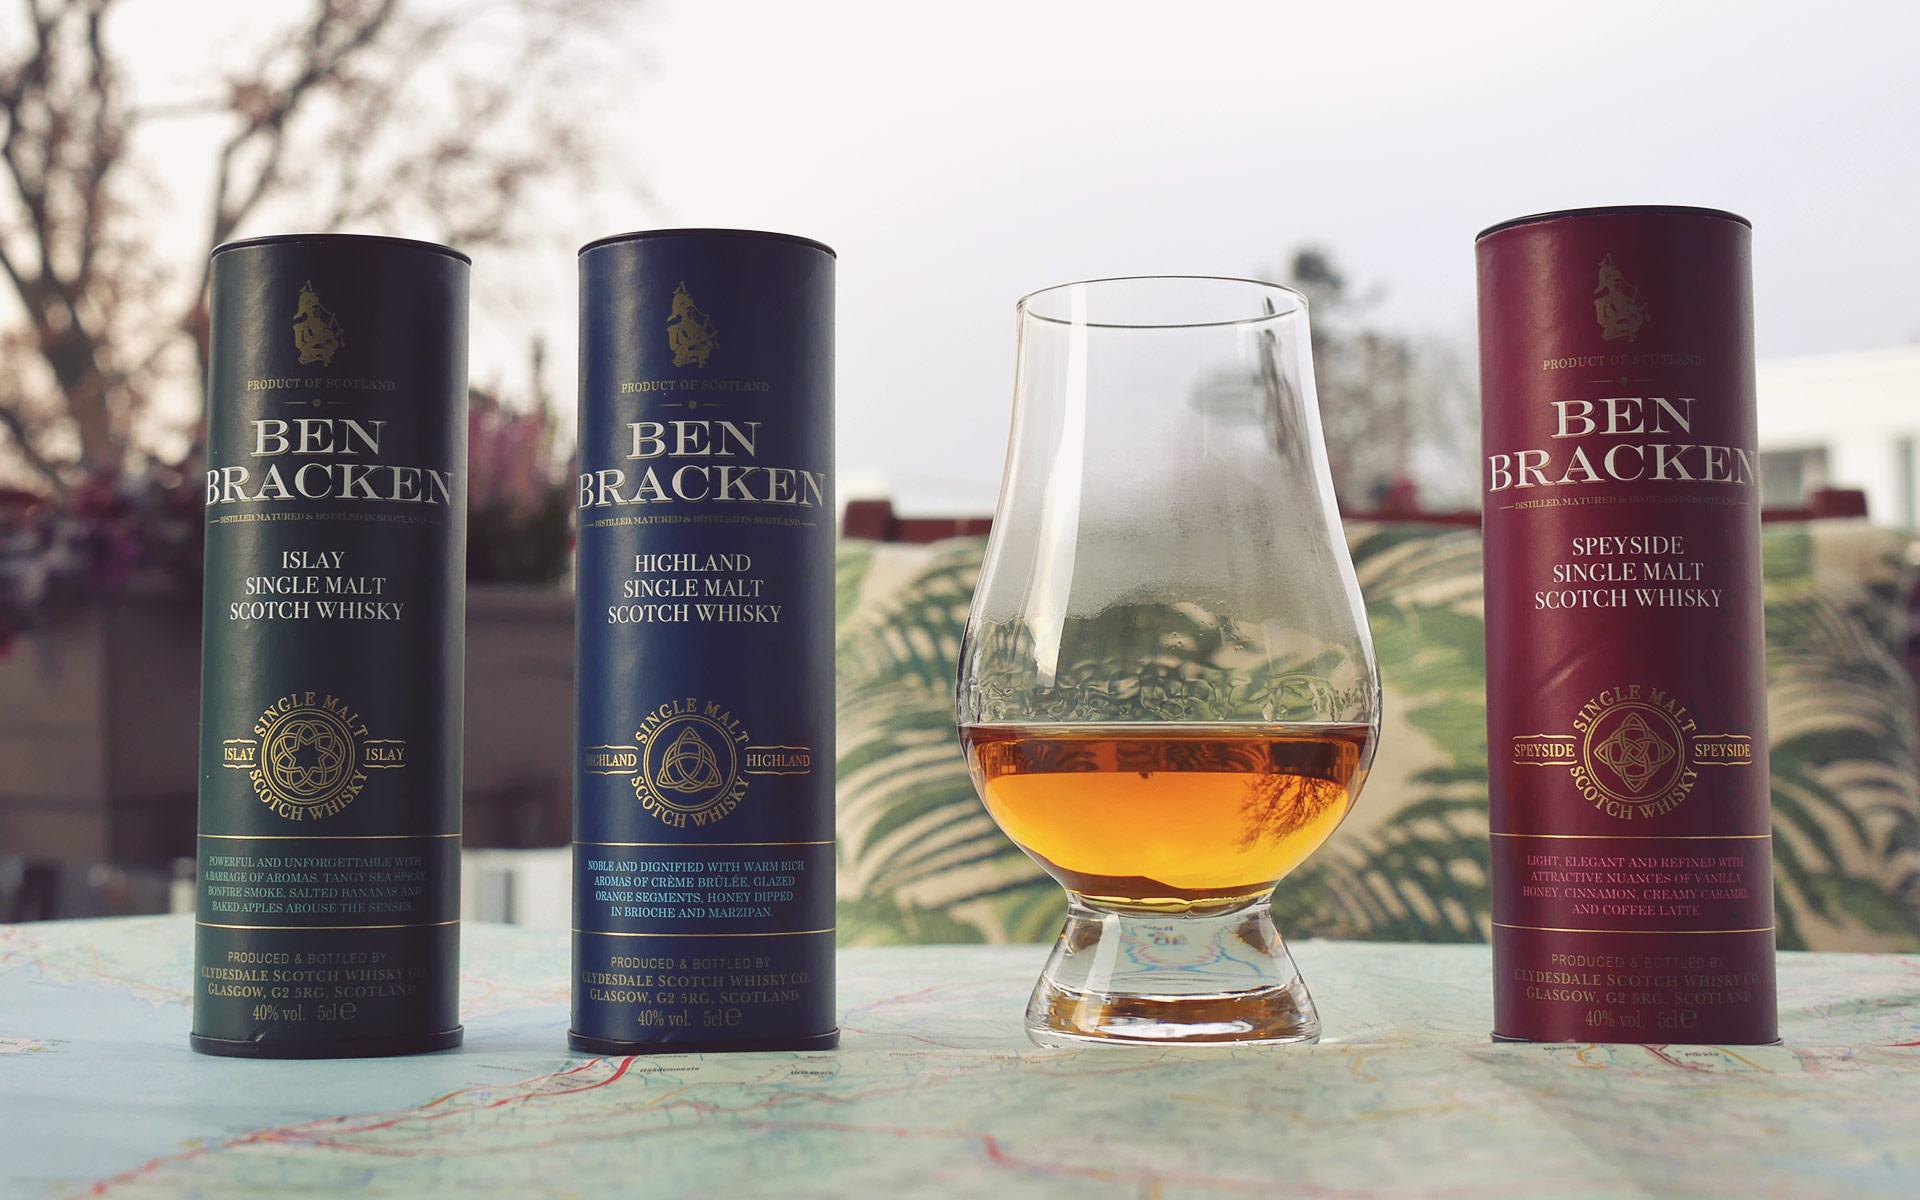 Auf den kleinen Dosen der Ben Bracken-Whiskys sind sogar offizielle Tasting Notes abgedruckt (Foto: Malt Whisky)